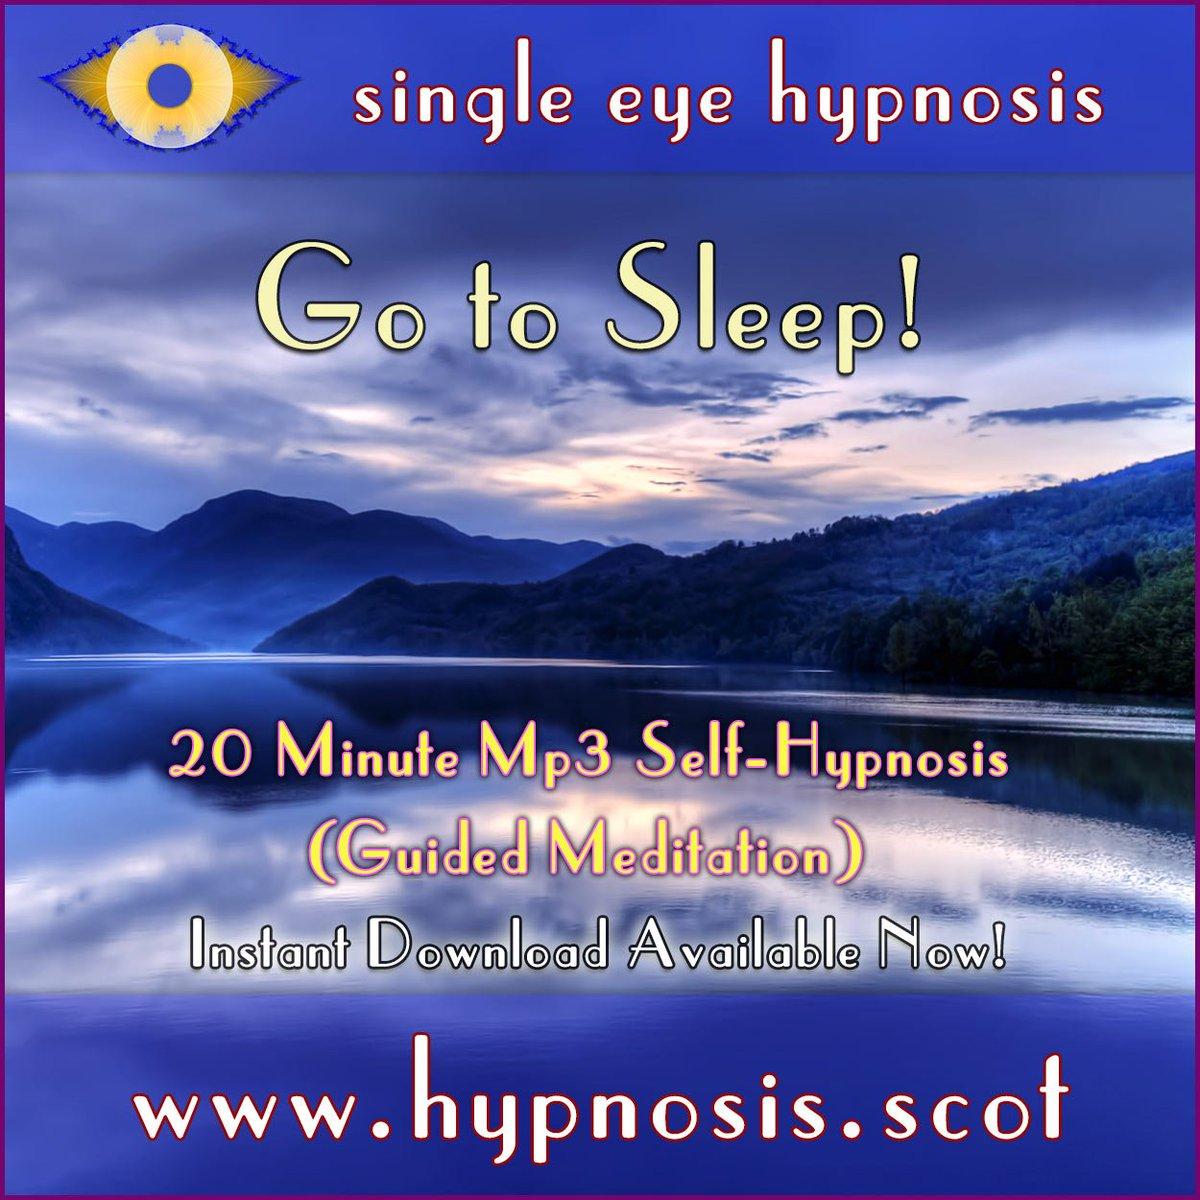 hypnosisforsleep hashtag on Twitter